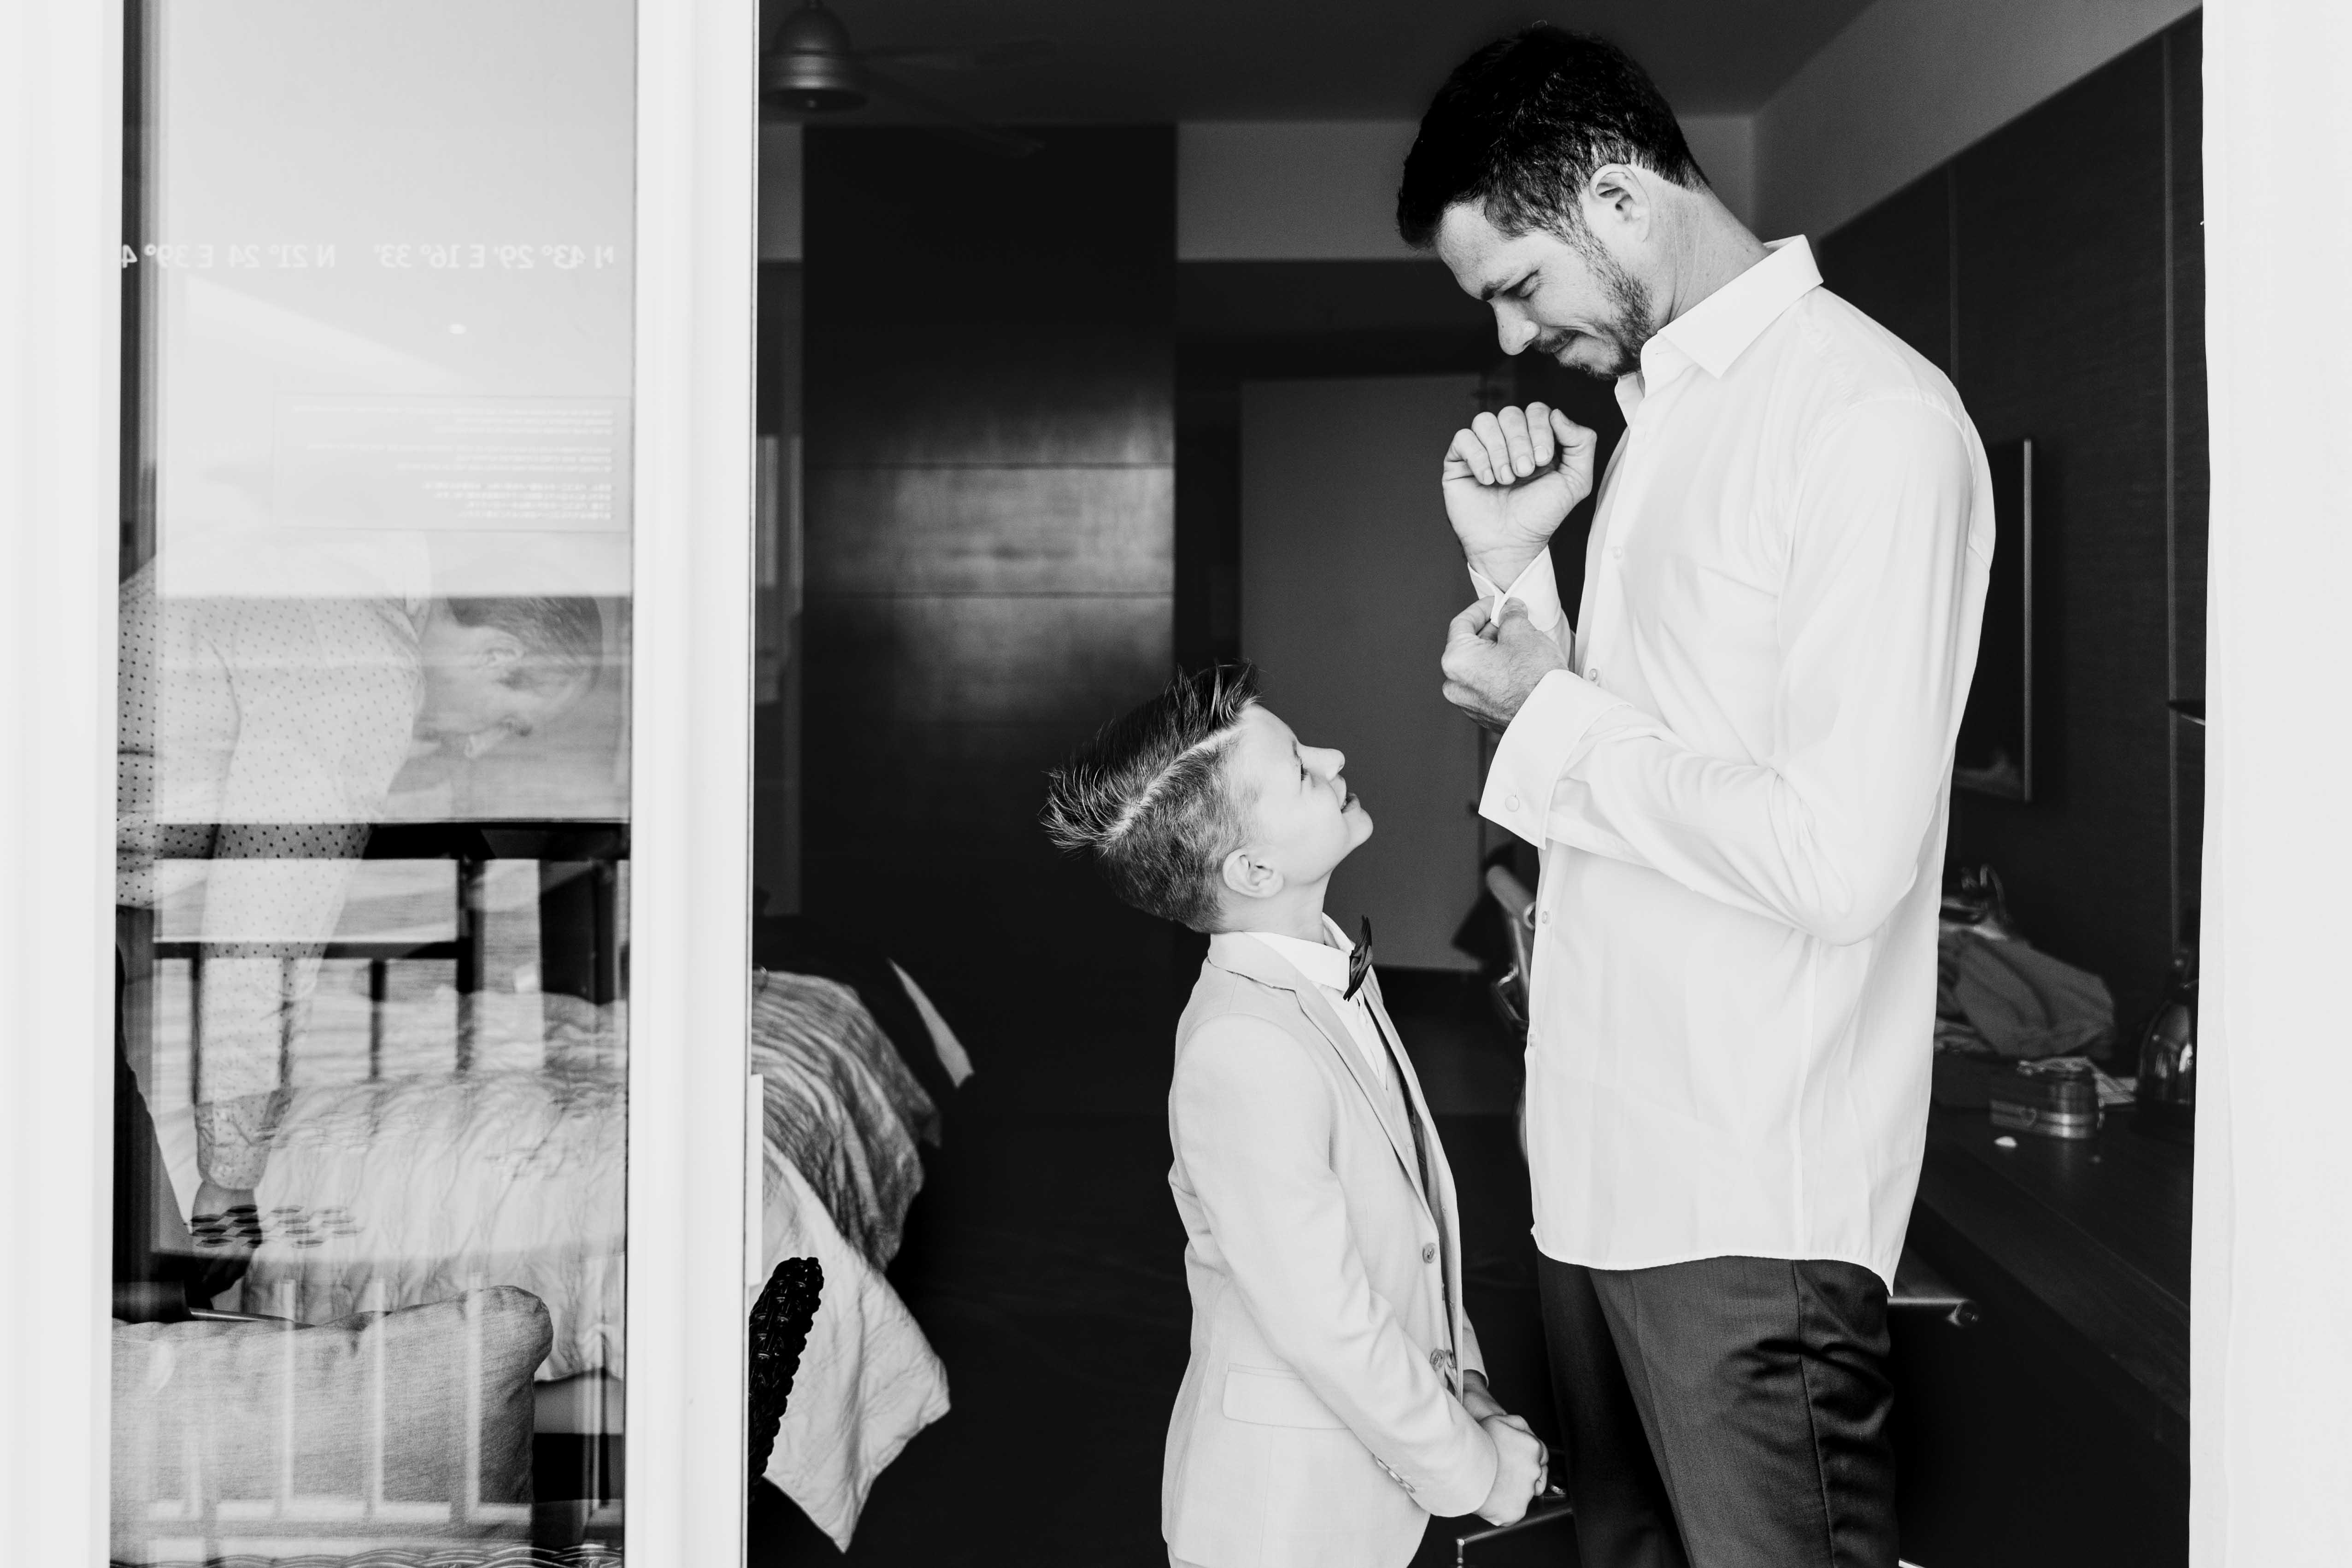 la marié et son fils se préparent ensemble pour le mariage, photo noir et blanc